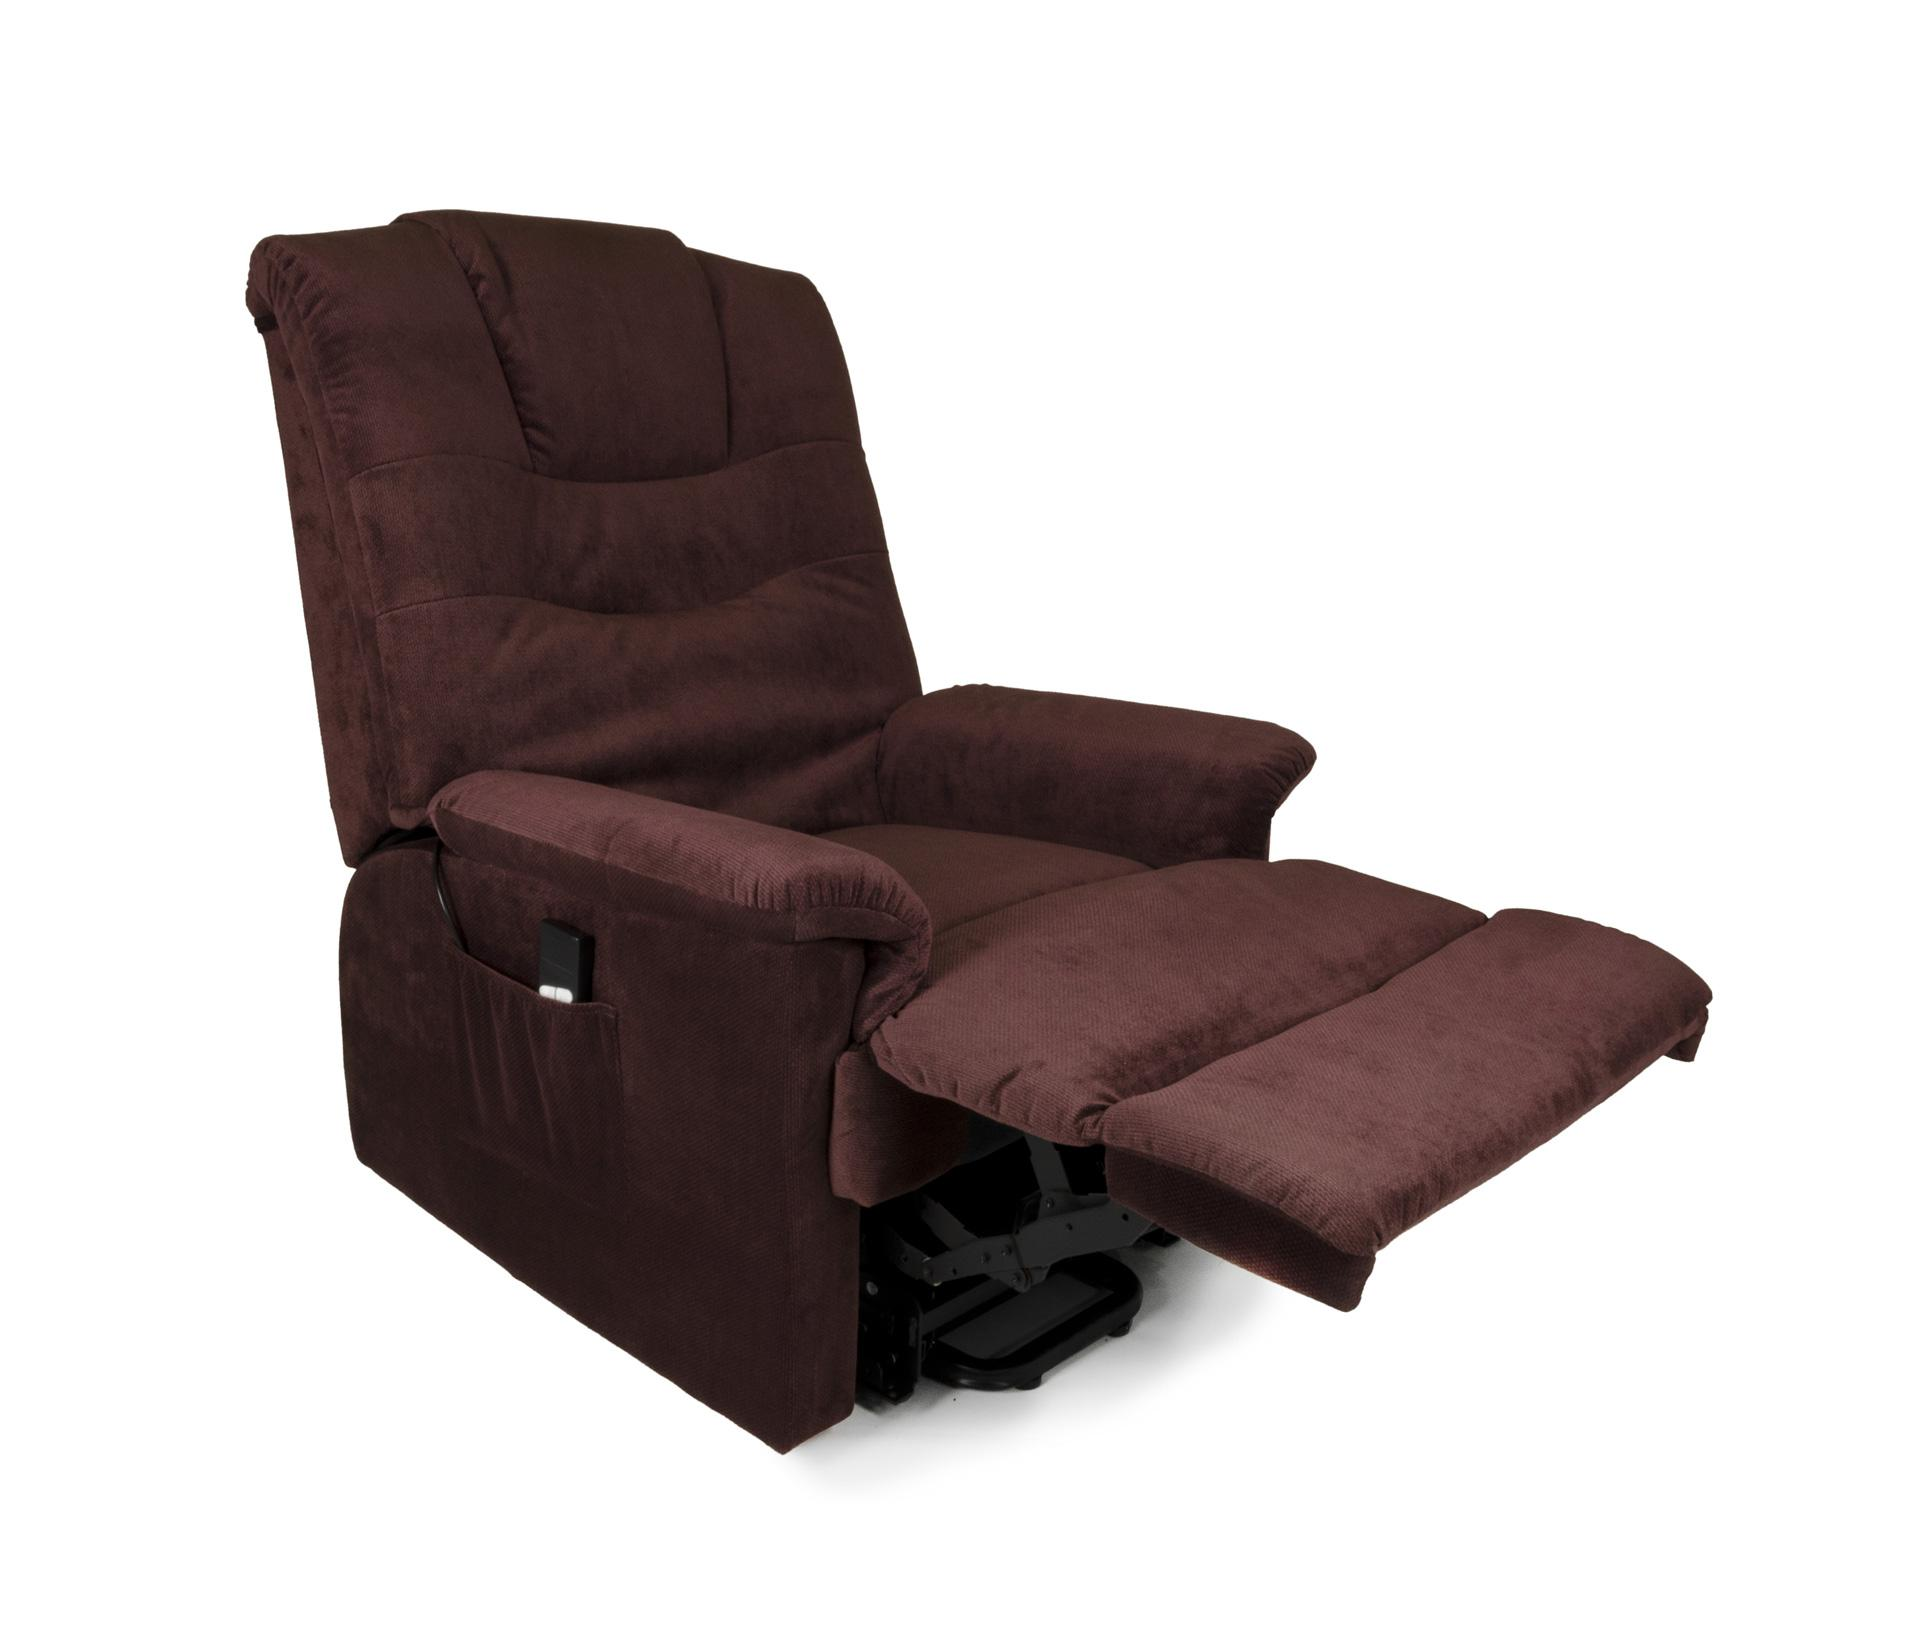 Faszinierend Sessel Mit Fußstütze Sammlung Von Dann Hebt Sich Der Nach Dem Vorschieben